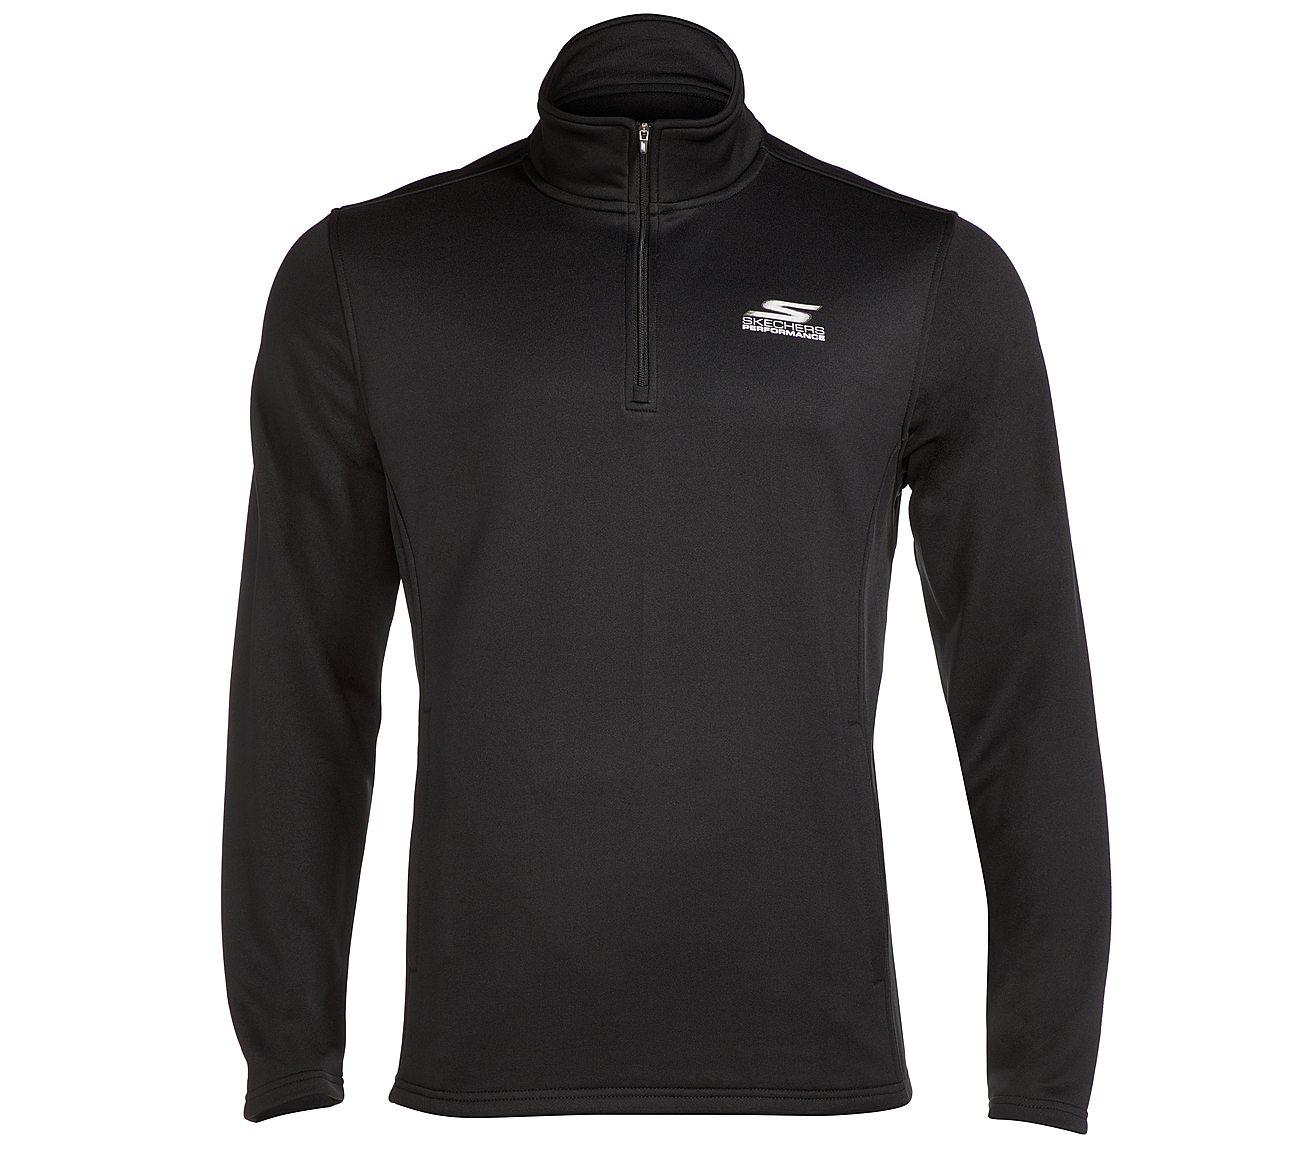 Momentum 1/4 Zip Sweatshirt